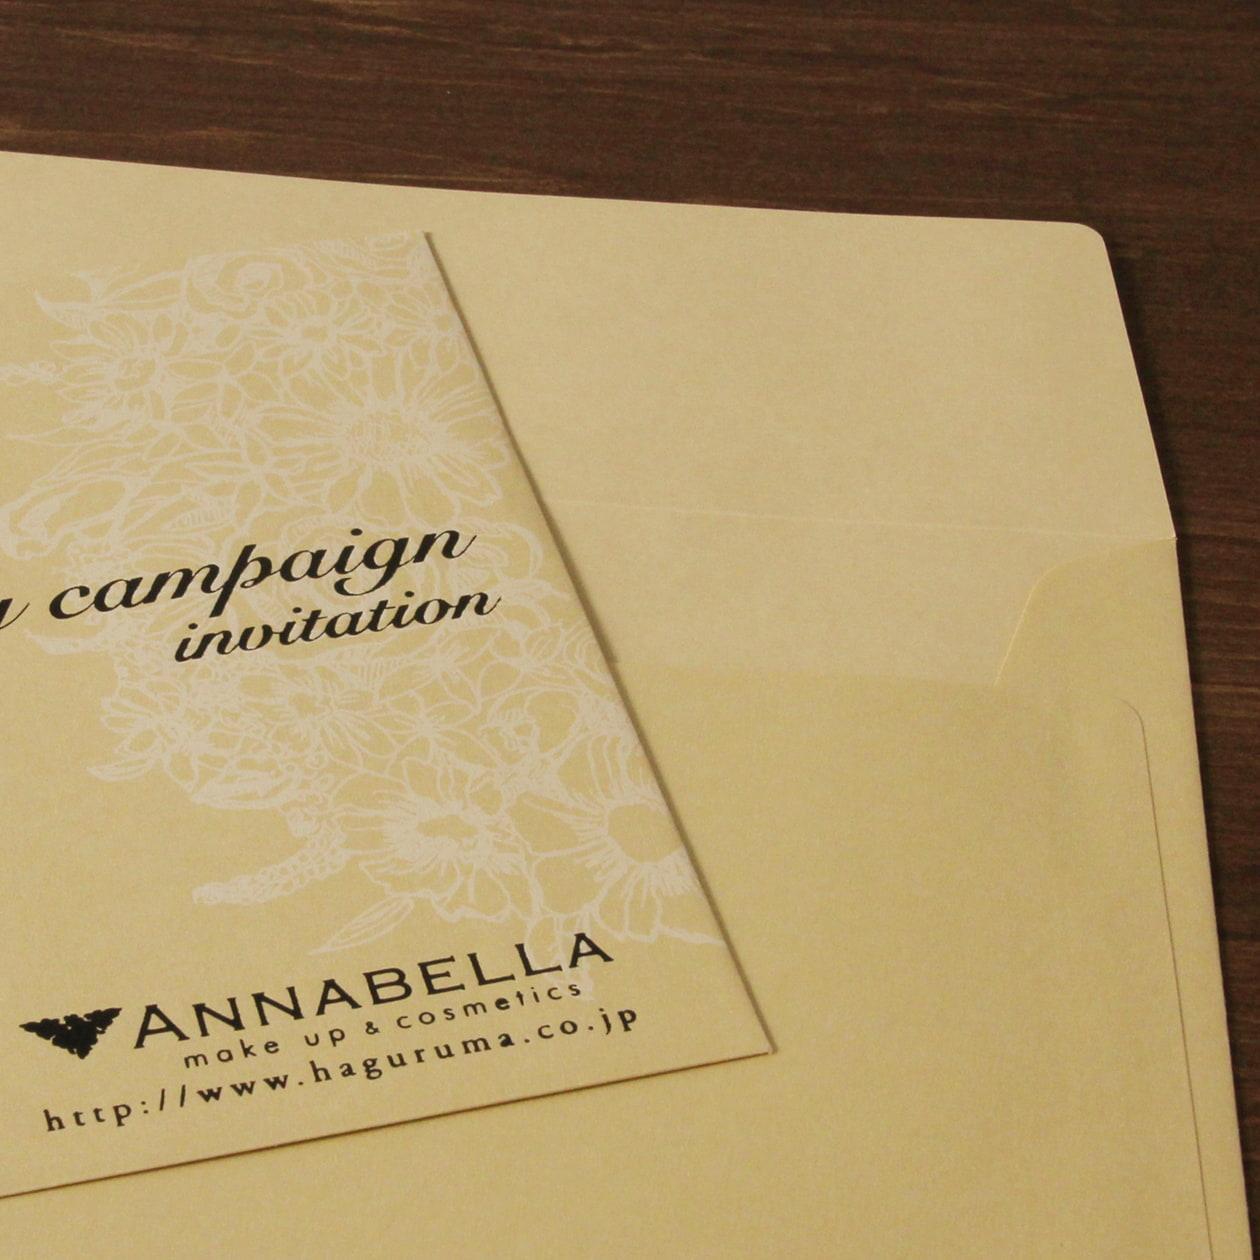 コスメブランドのキャンペーン案内状用封筒